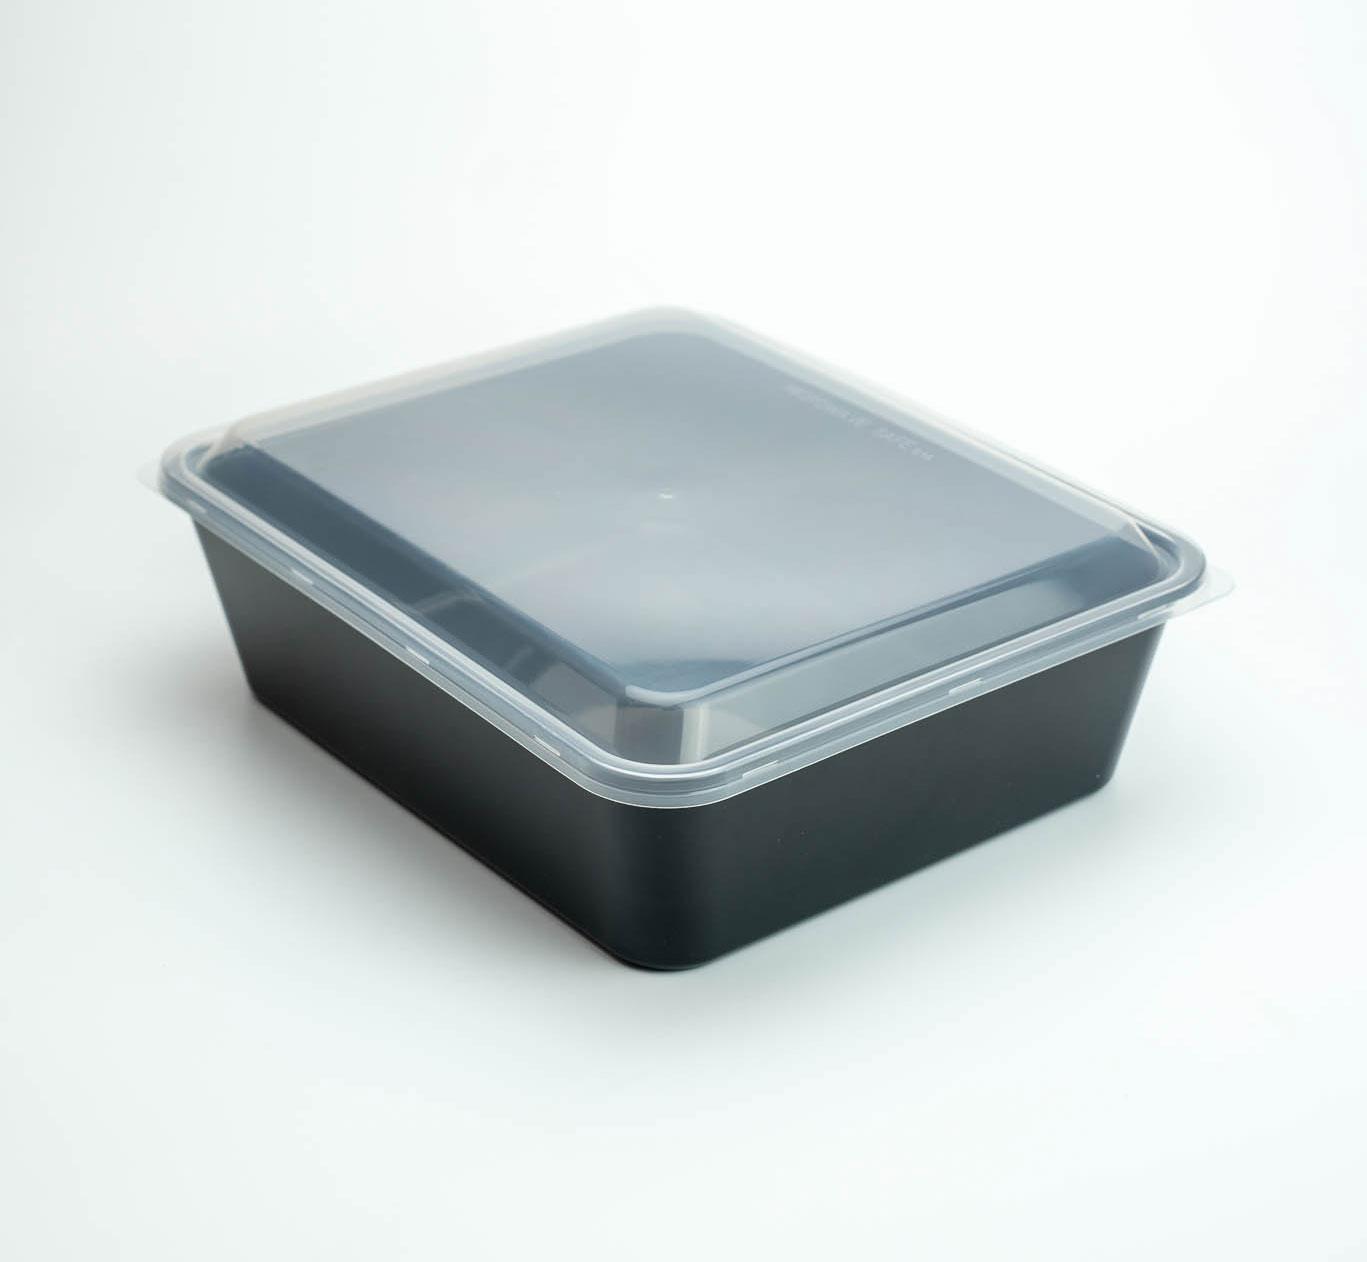 กล่องอาหารพลาสติก 1 ช่อง premium 2750ml